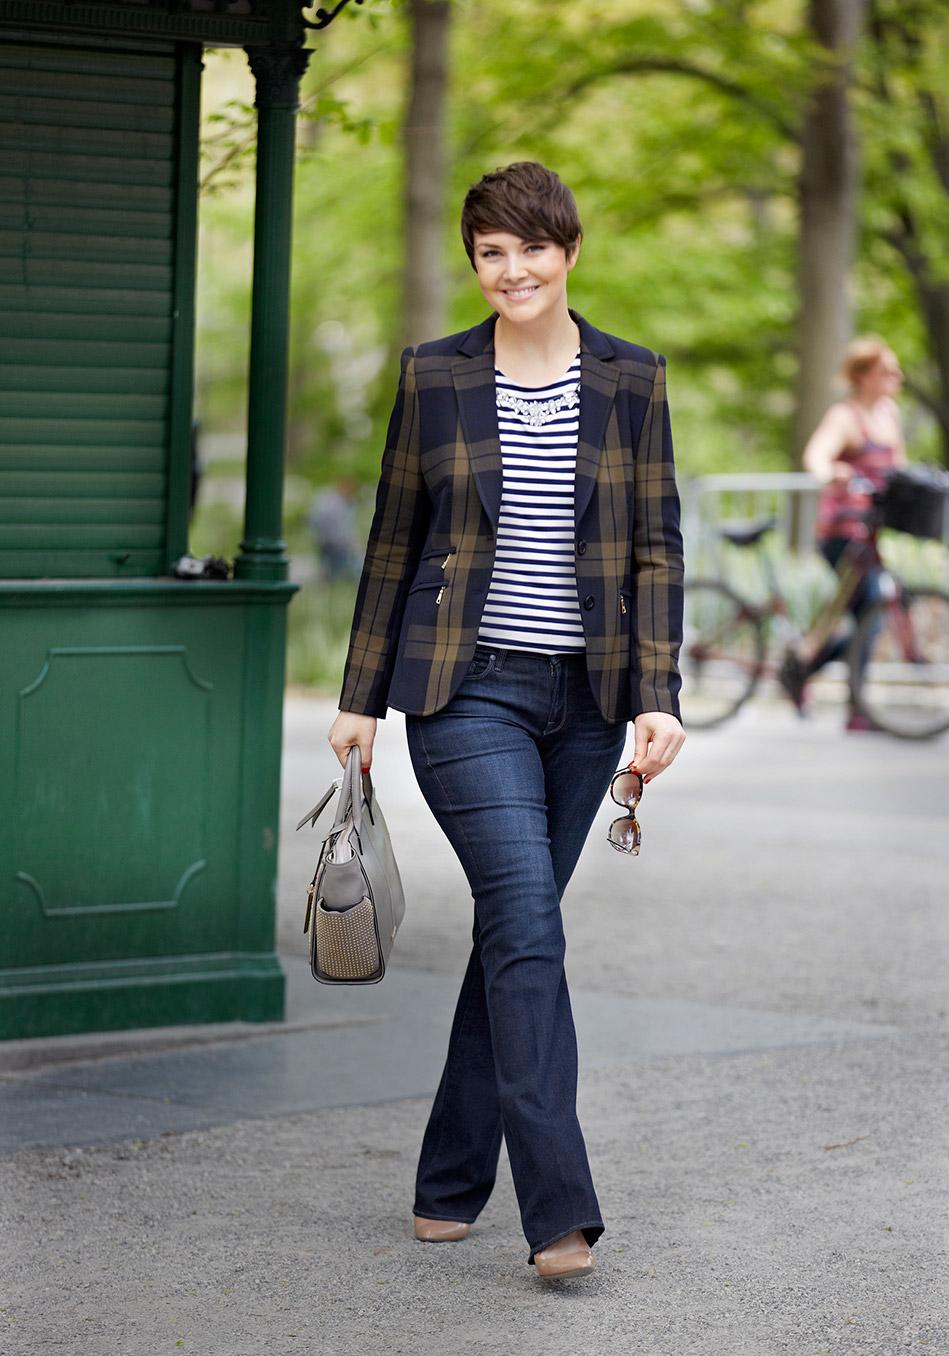 Правильные джинсы – они как магия: ноги выглядят длиннее, бедра уже